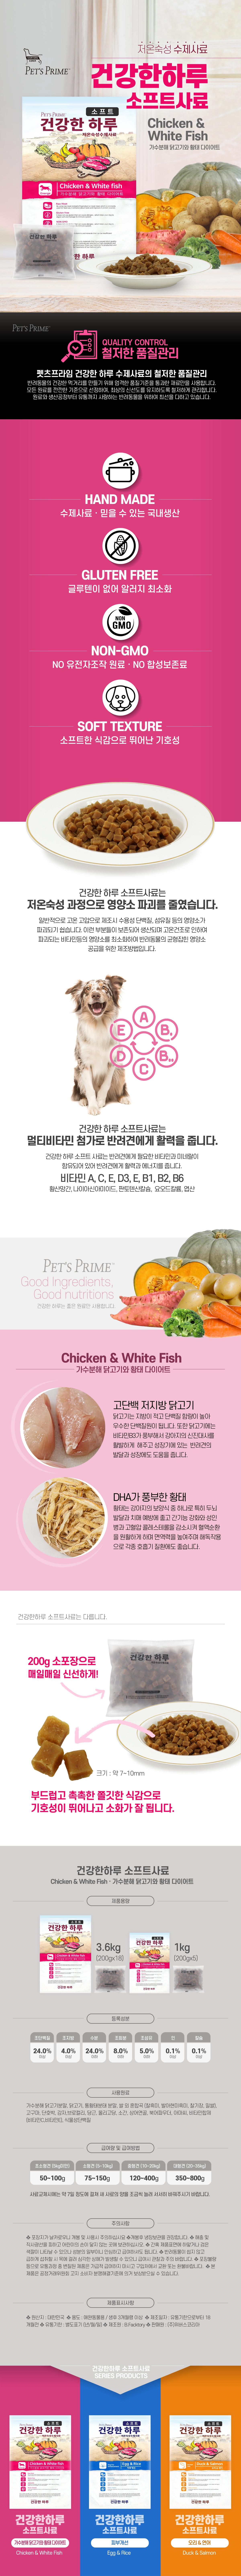 펫츠프라임 건강한하루 닭고기&황태 소프트 1kg